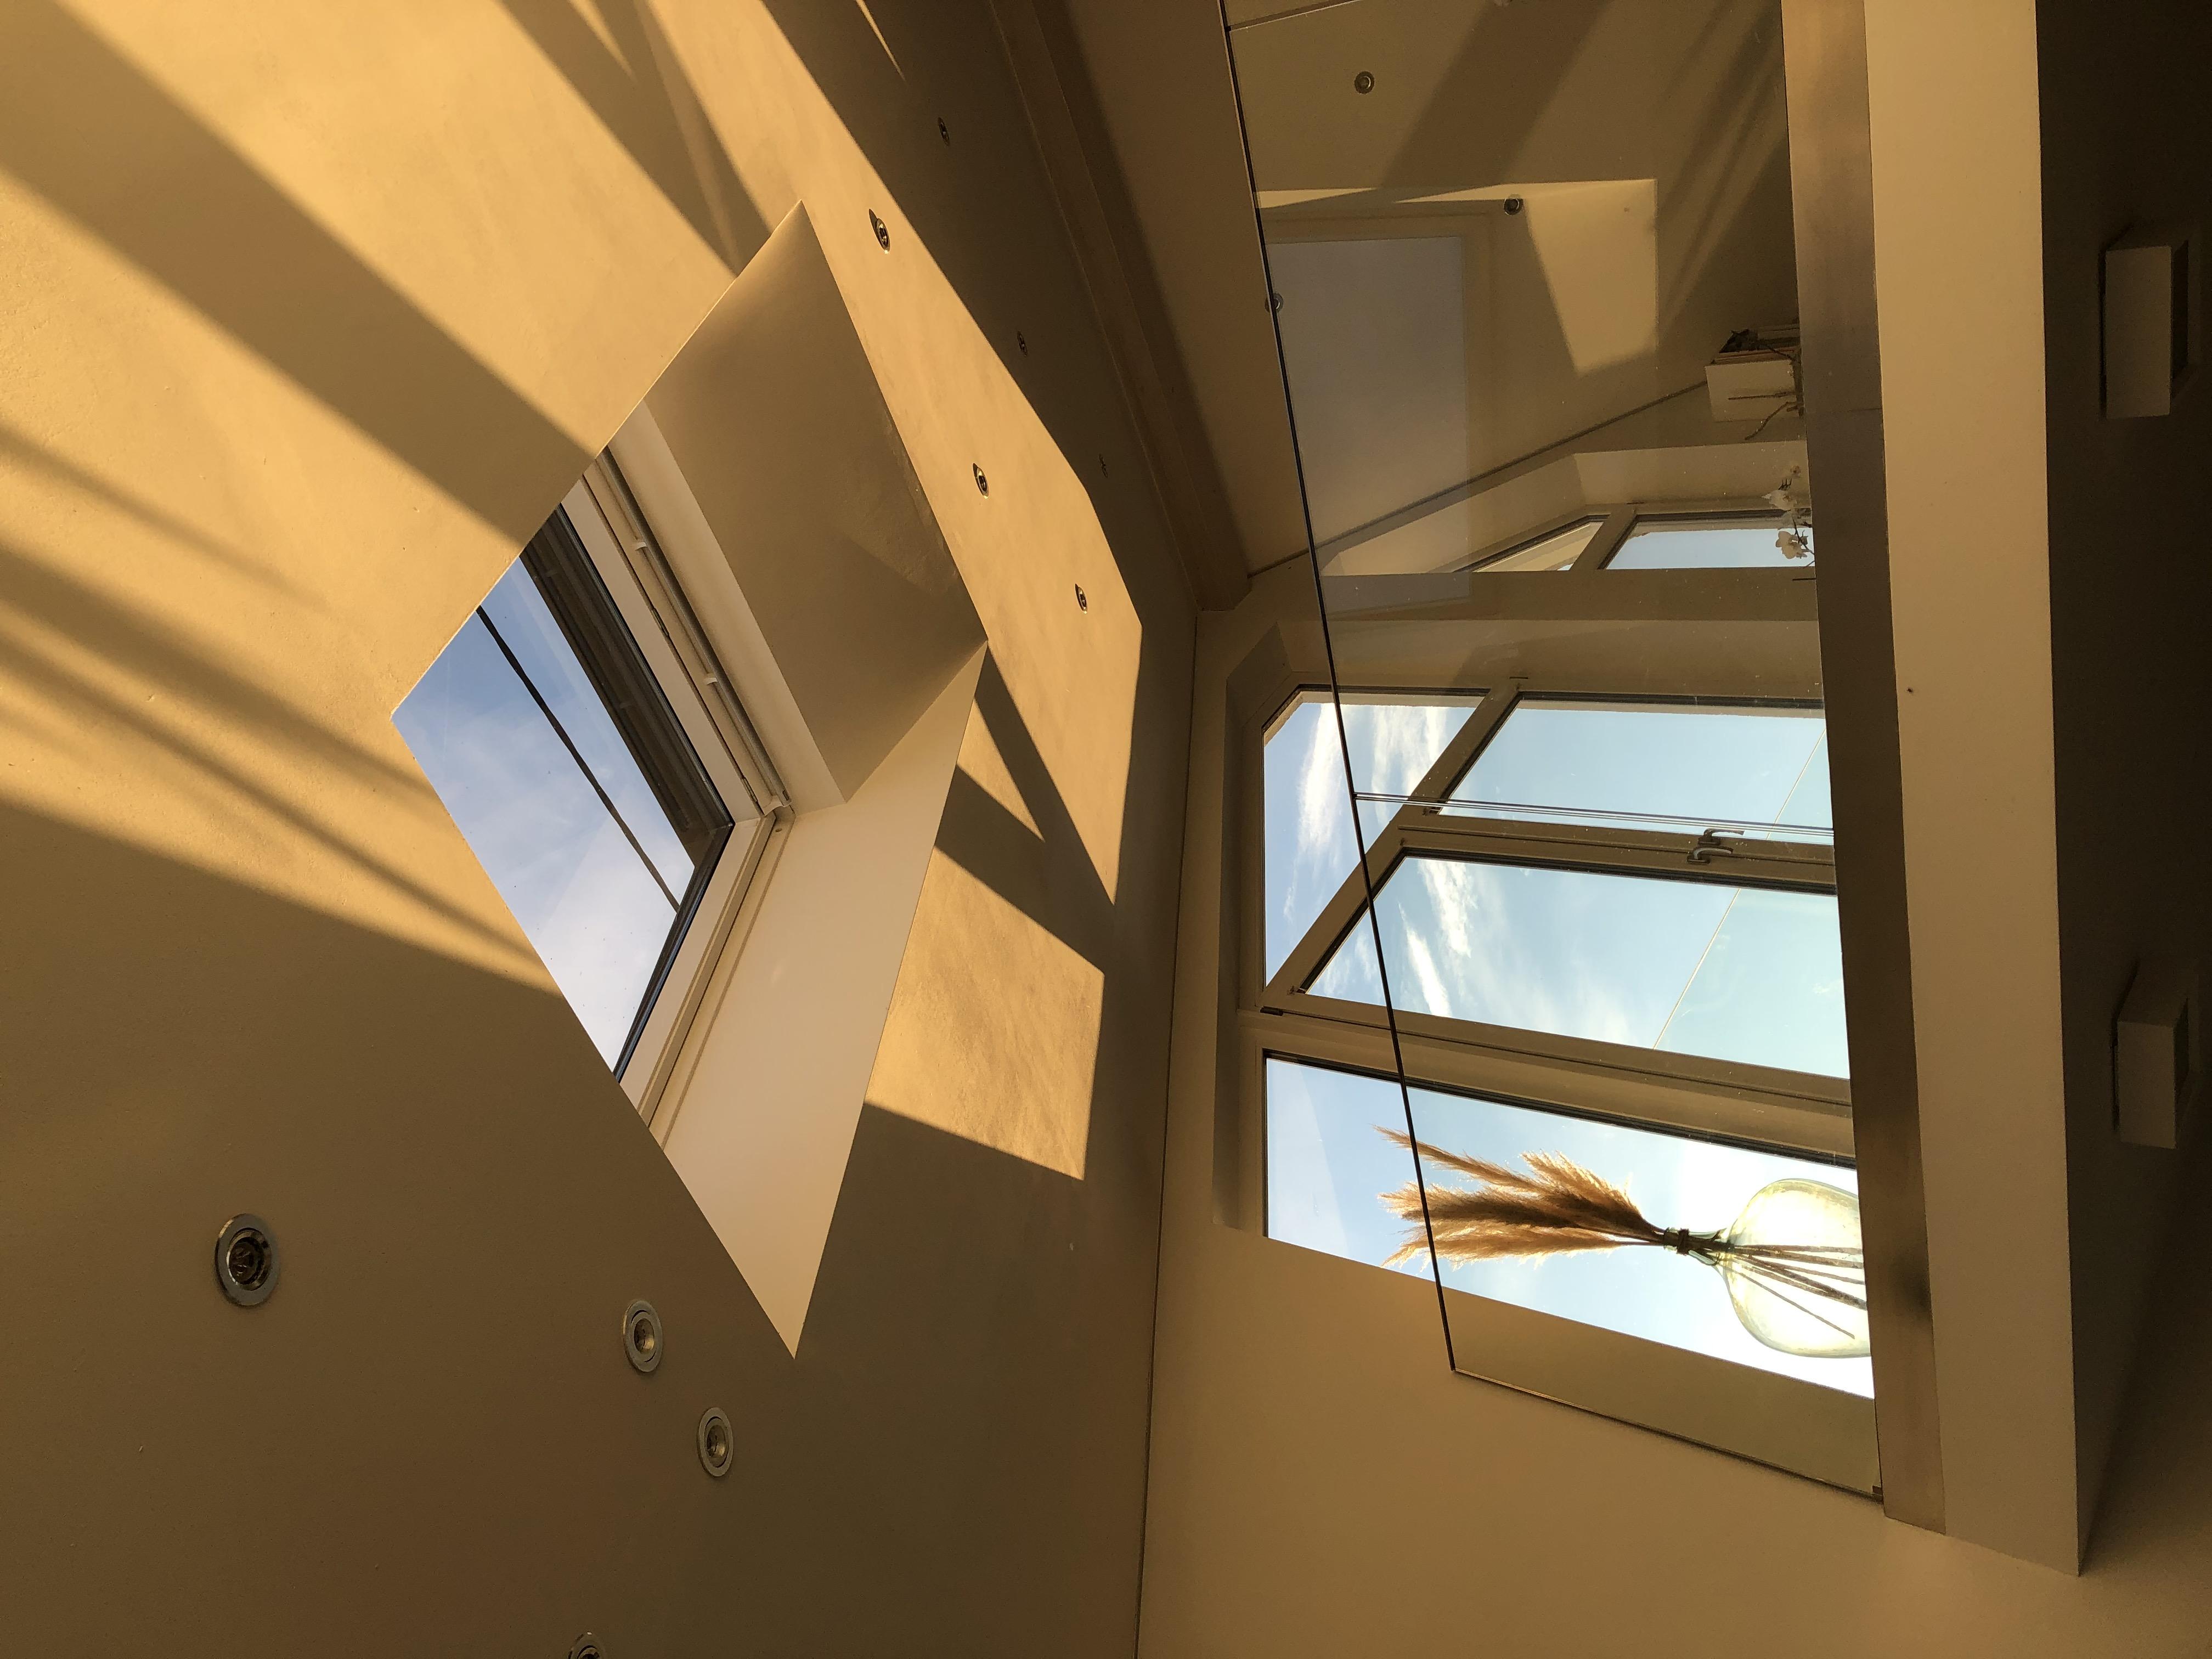 helles offenes Wohnzimmer im Sonnenlicht - Homestory Beton trifft auf Glas. Weitere Wohnideen findest du bei desmondo.de